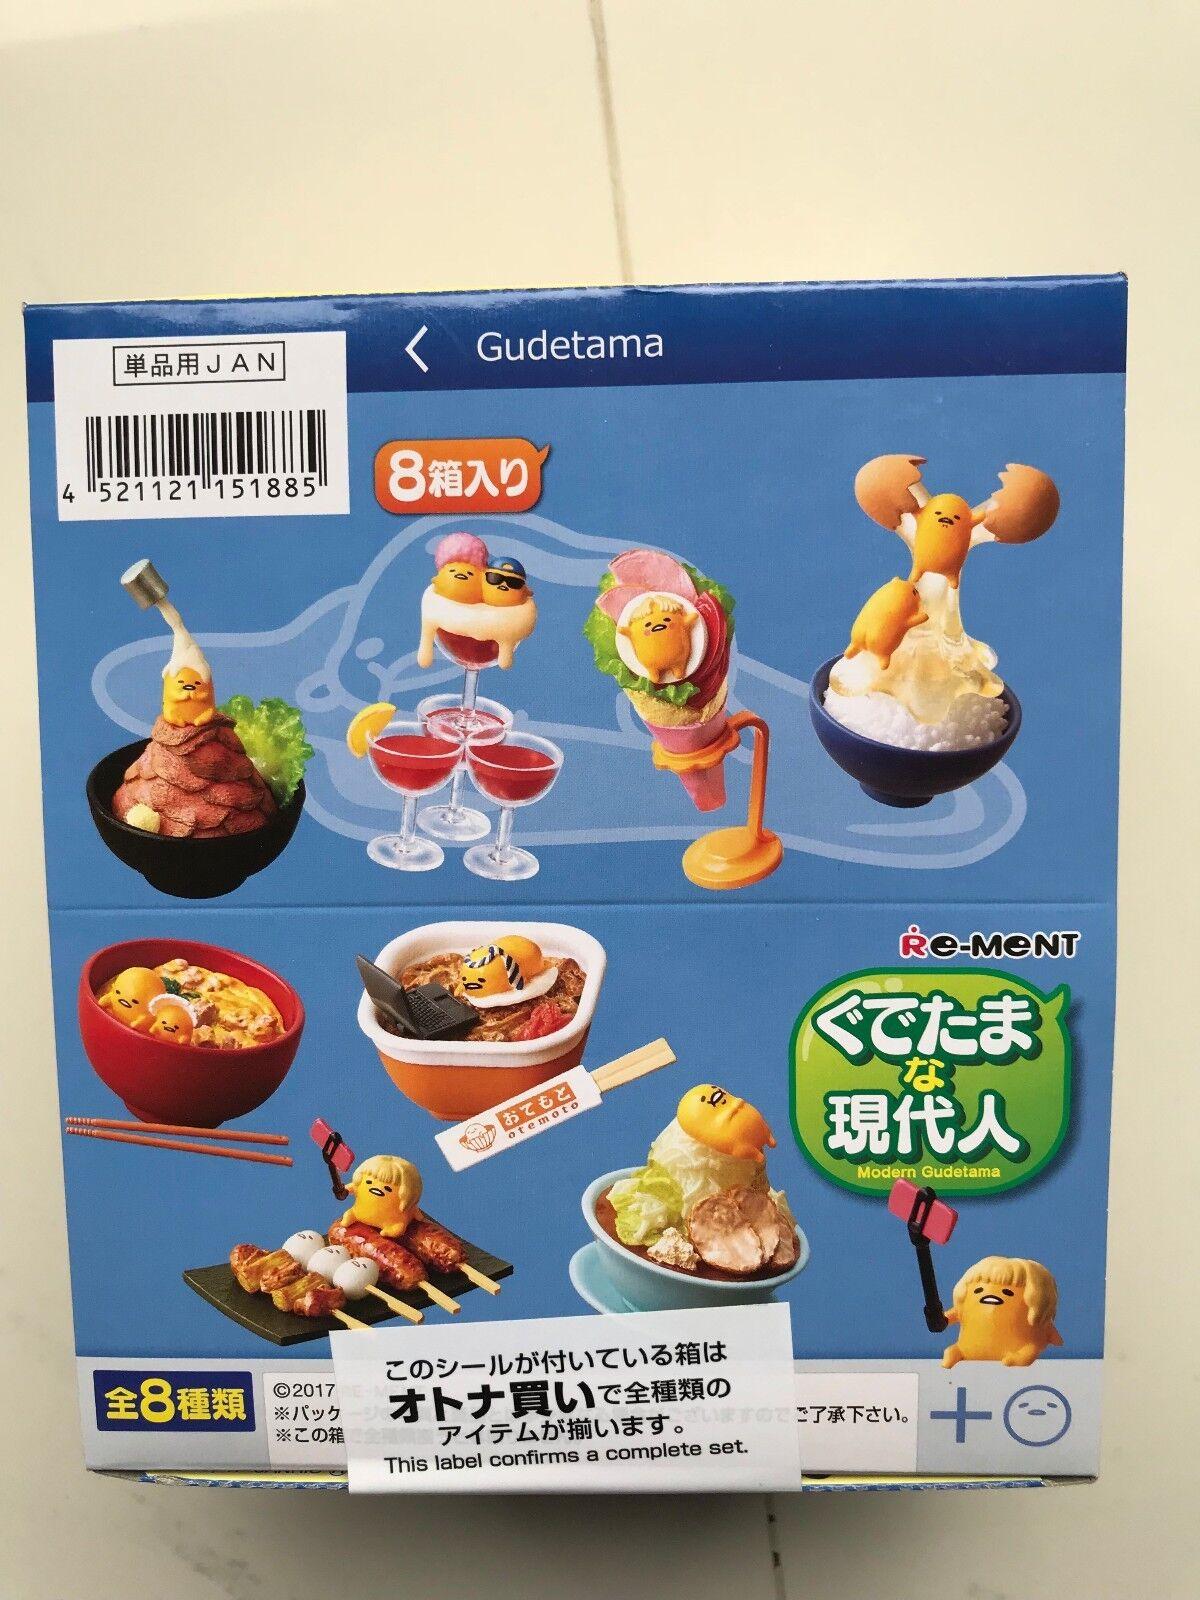 RE-MENT, GUDETAMA MODERN GUDETAMA, COMPLETE BOX, 8 PZS, NEW